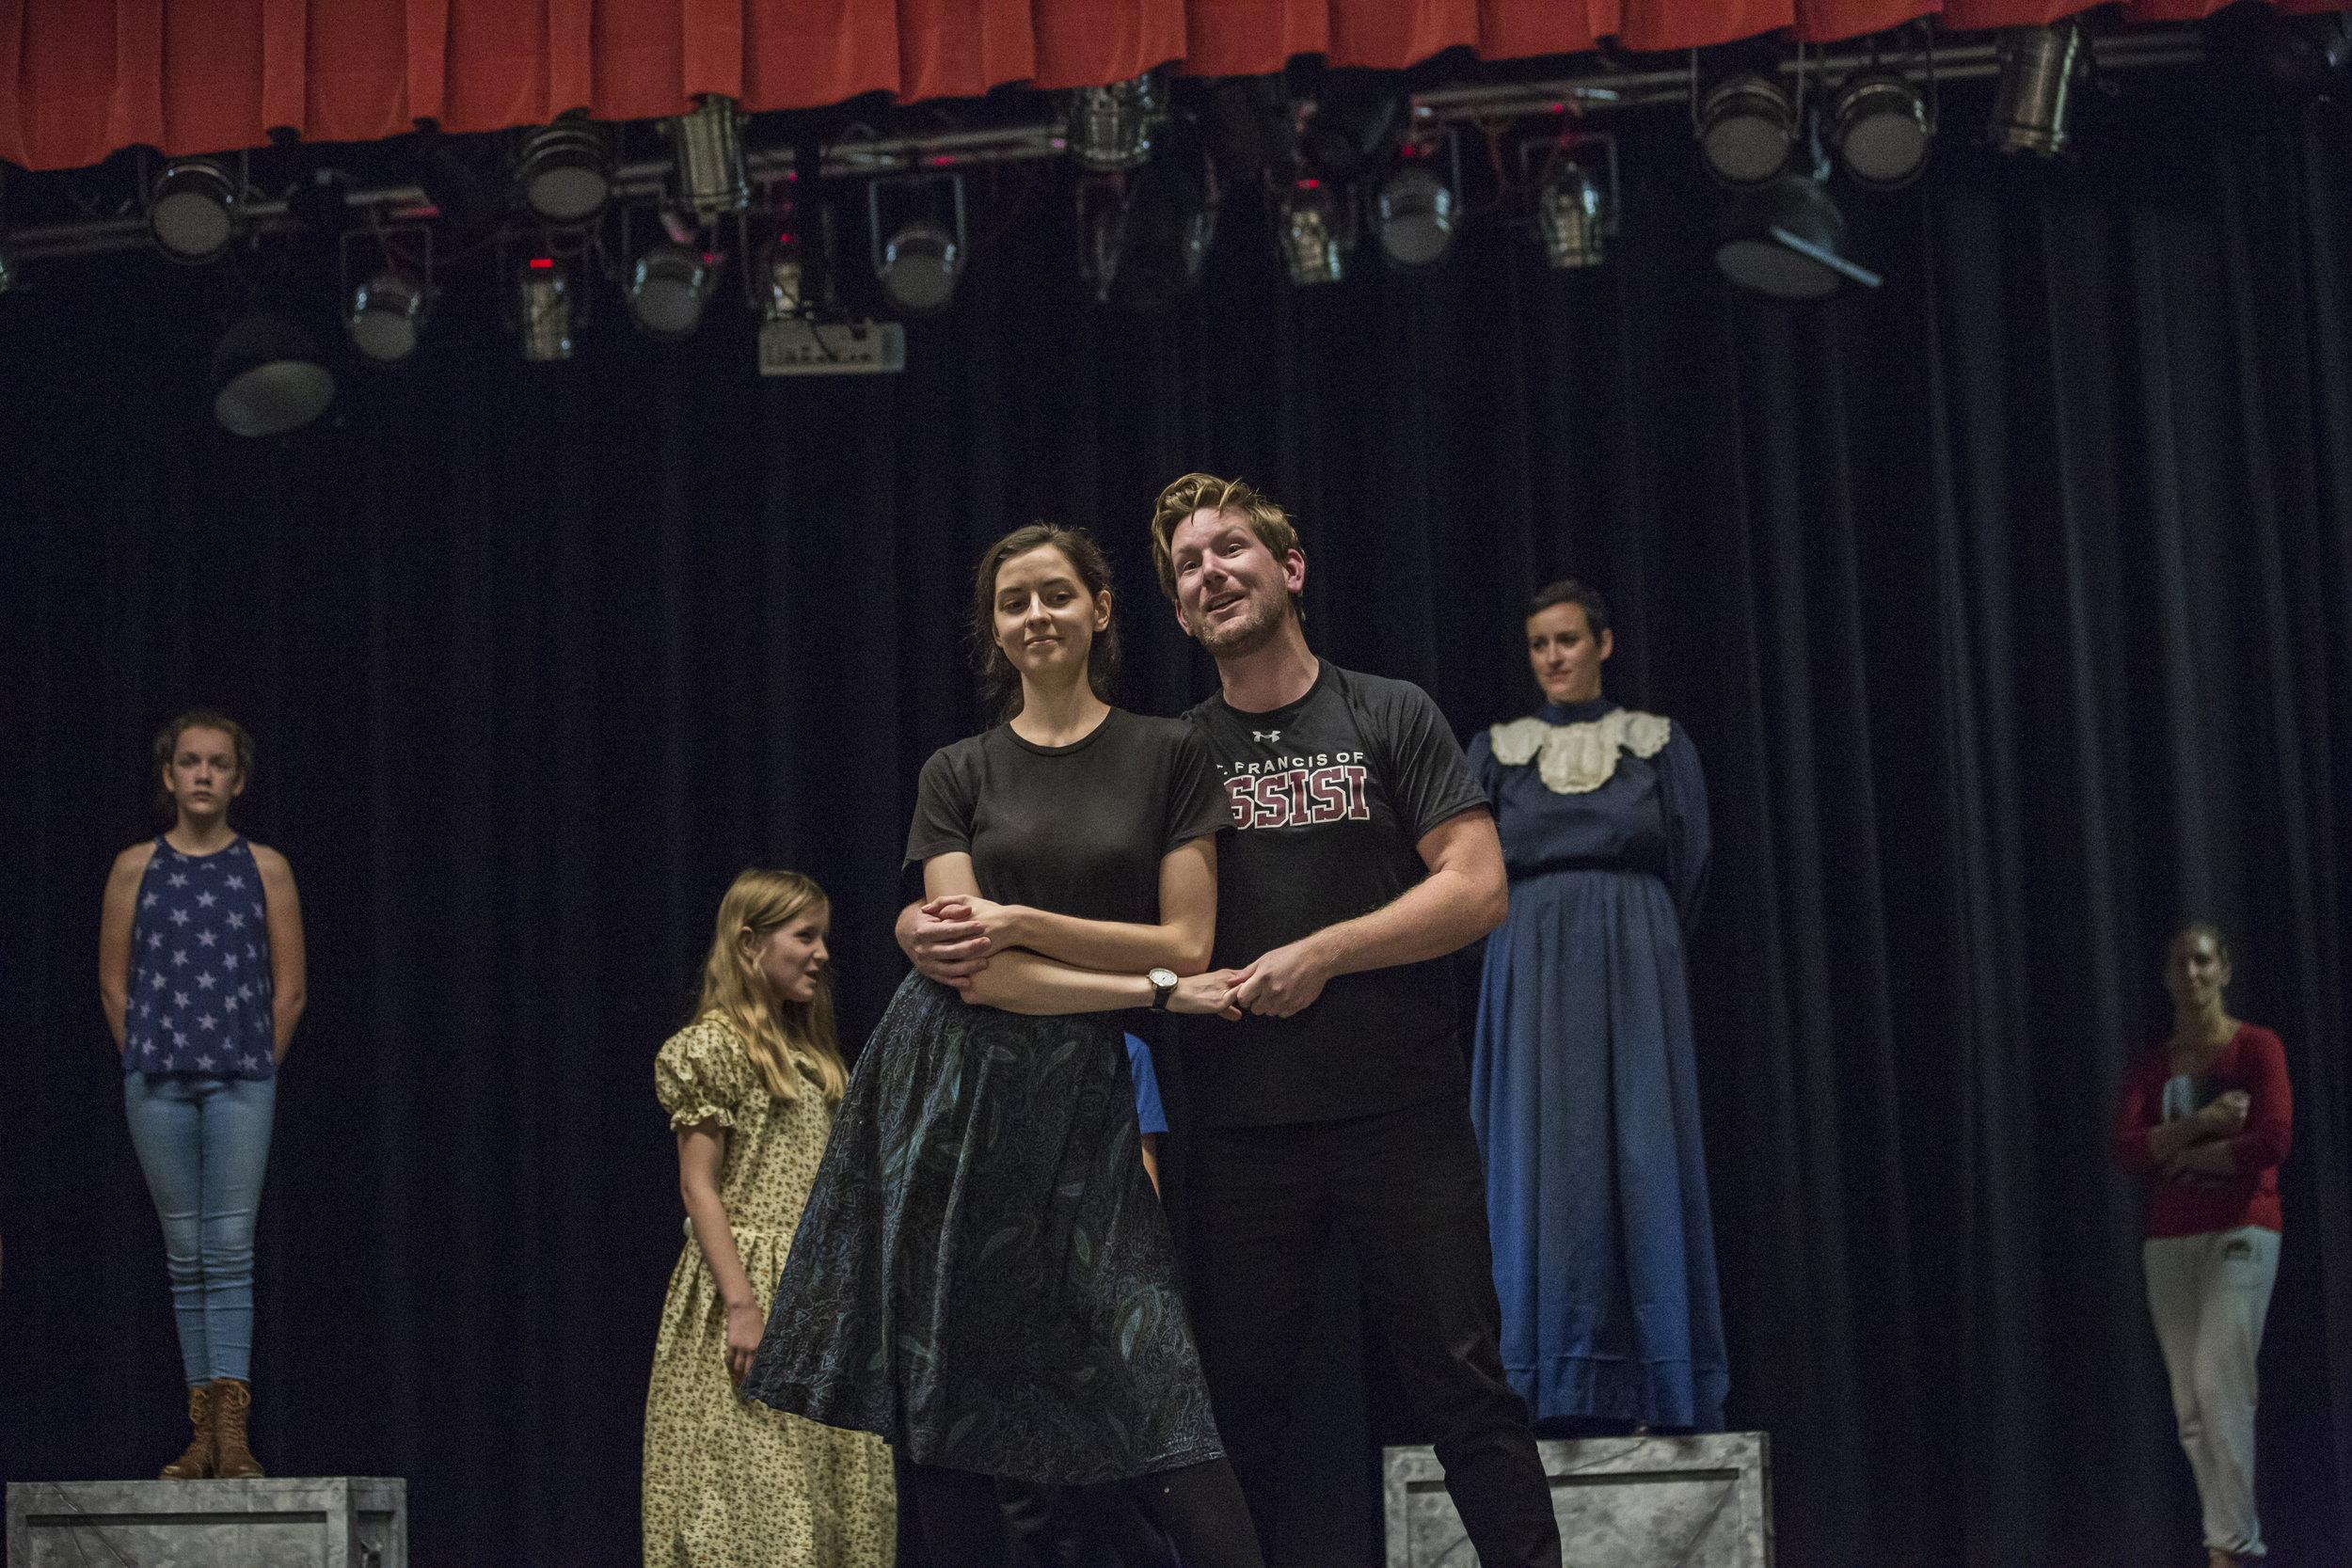 Mary Poppins - Streetlight Theatre Company - Rehearsal Shoot #2 - 23 Sep '18 - 043.JPG